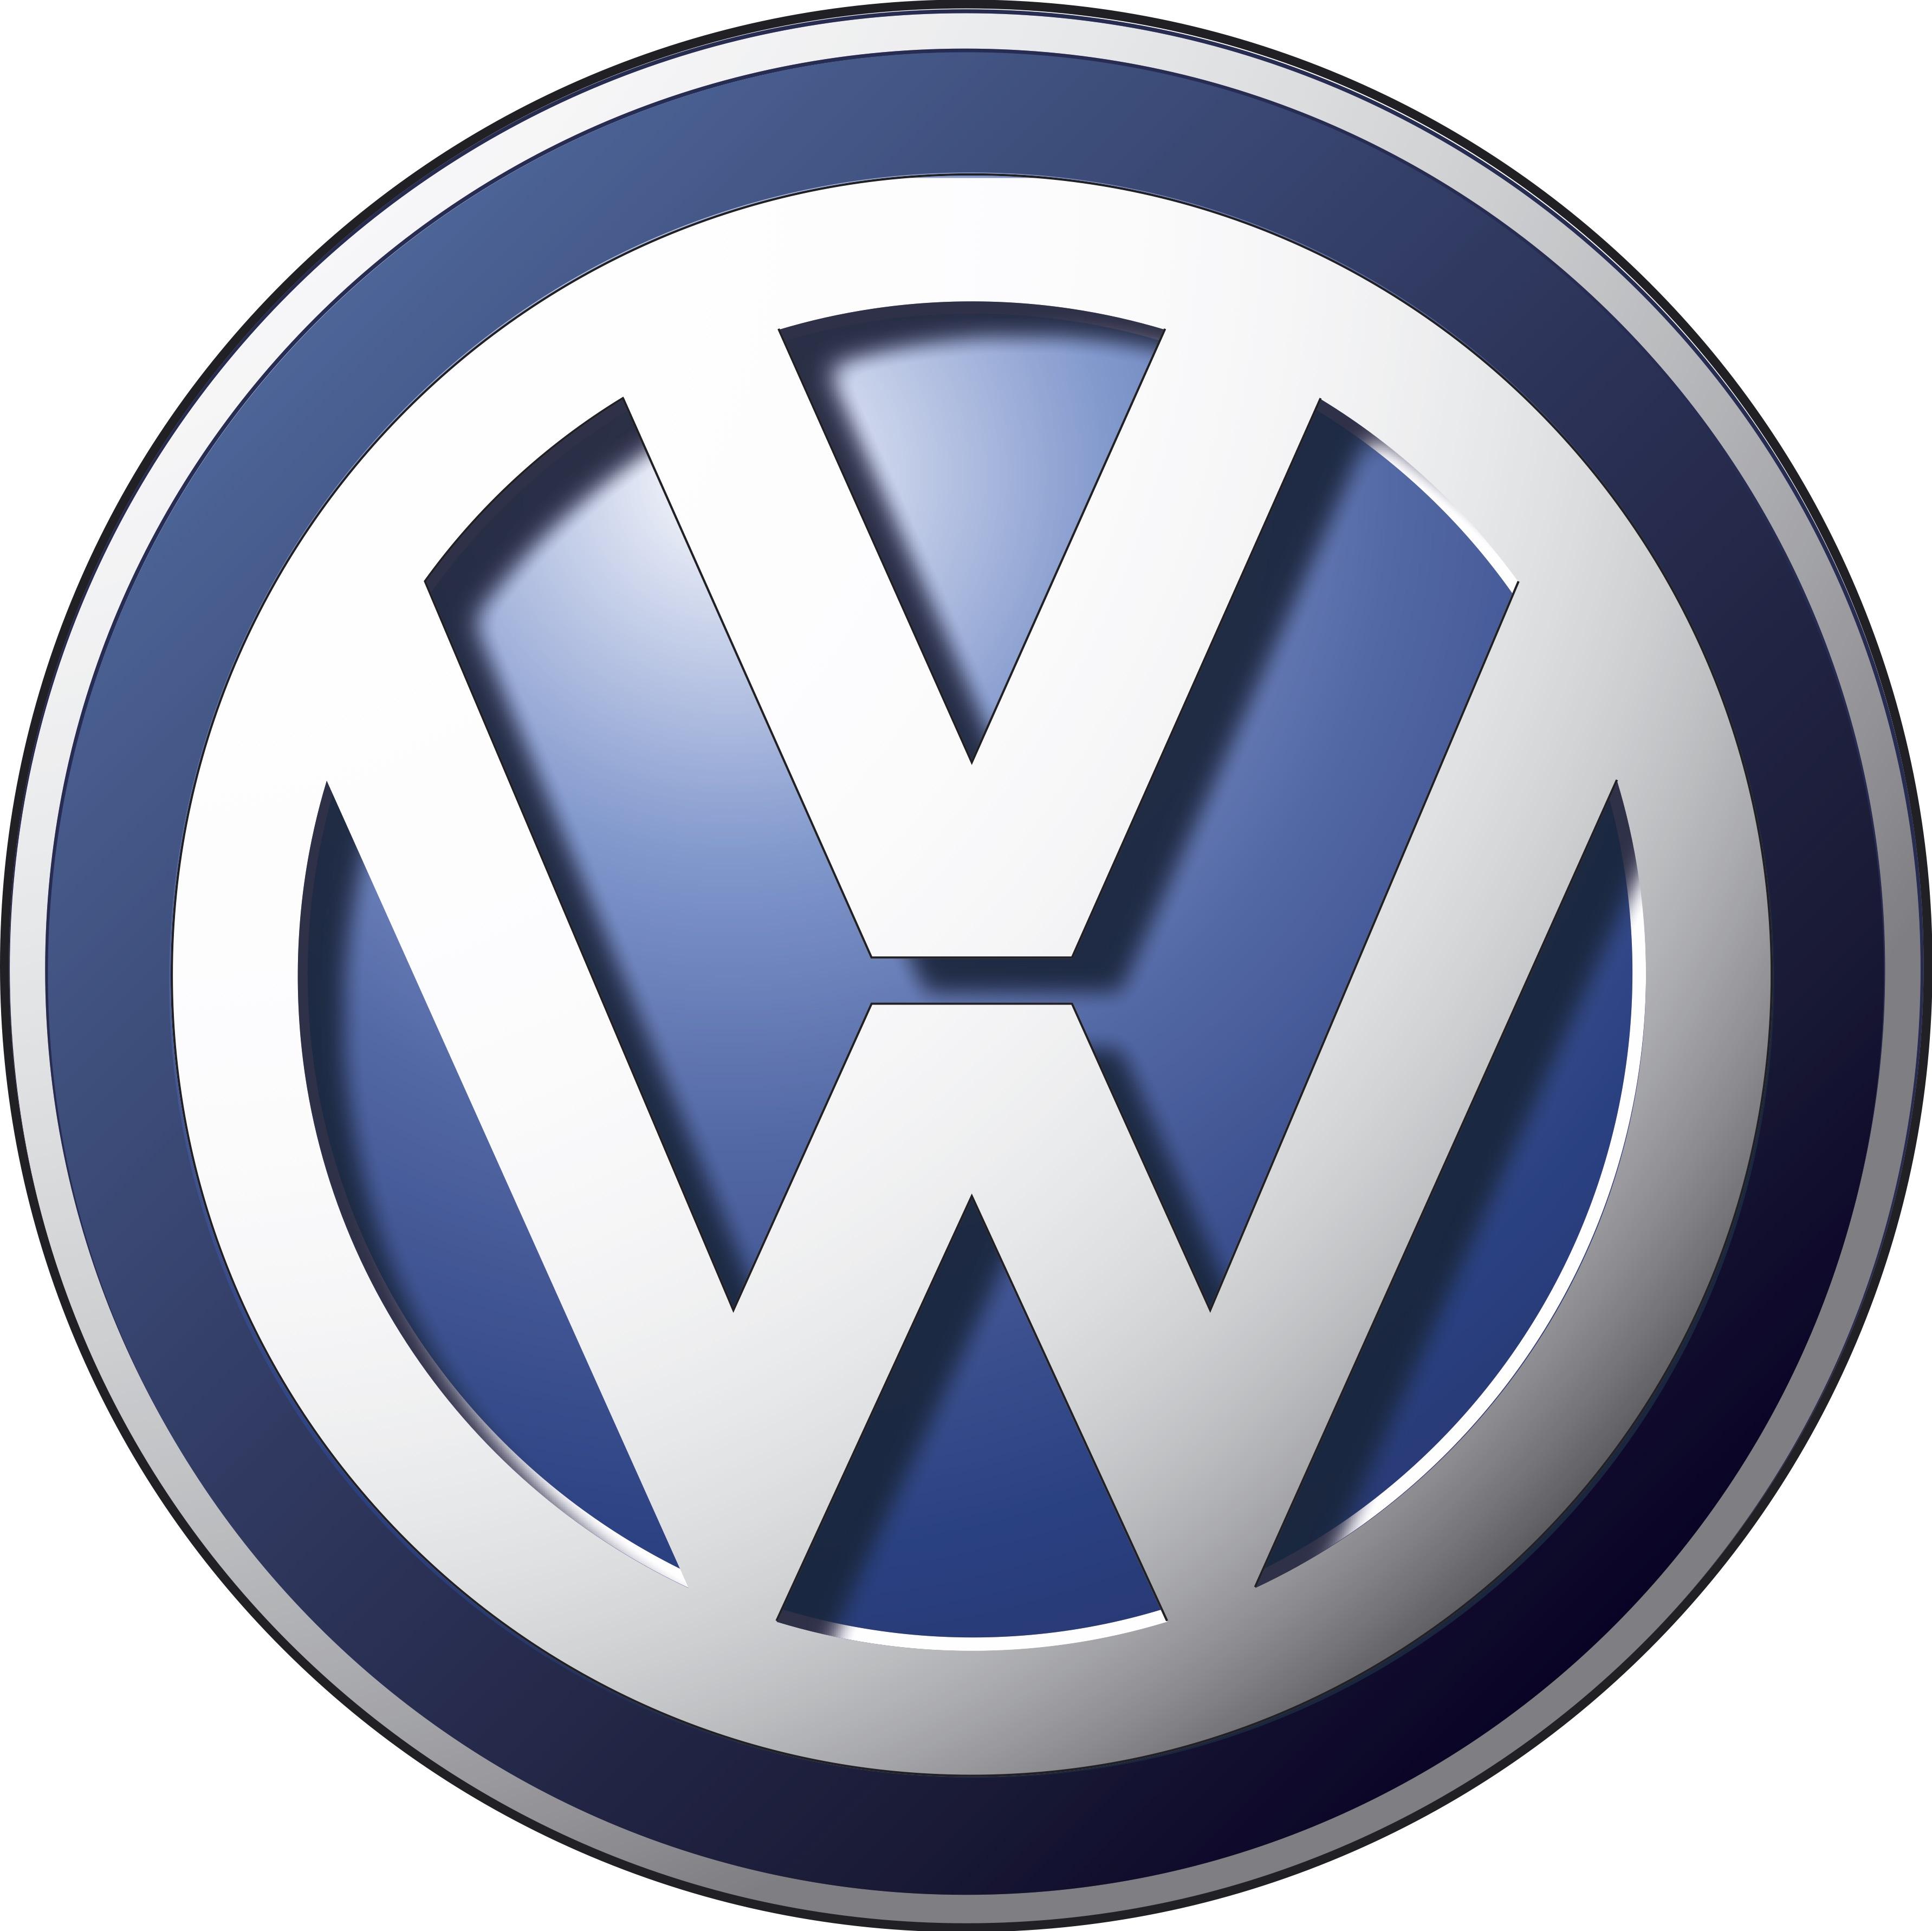 El nombre y logo Volkswagen provienen del alemán, que significa el automóvil del pueblo, puesto el escarabajo está diseñado para ser barato y eficiente.